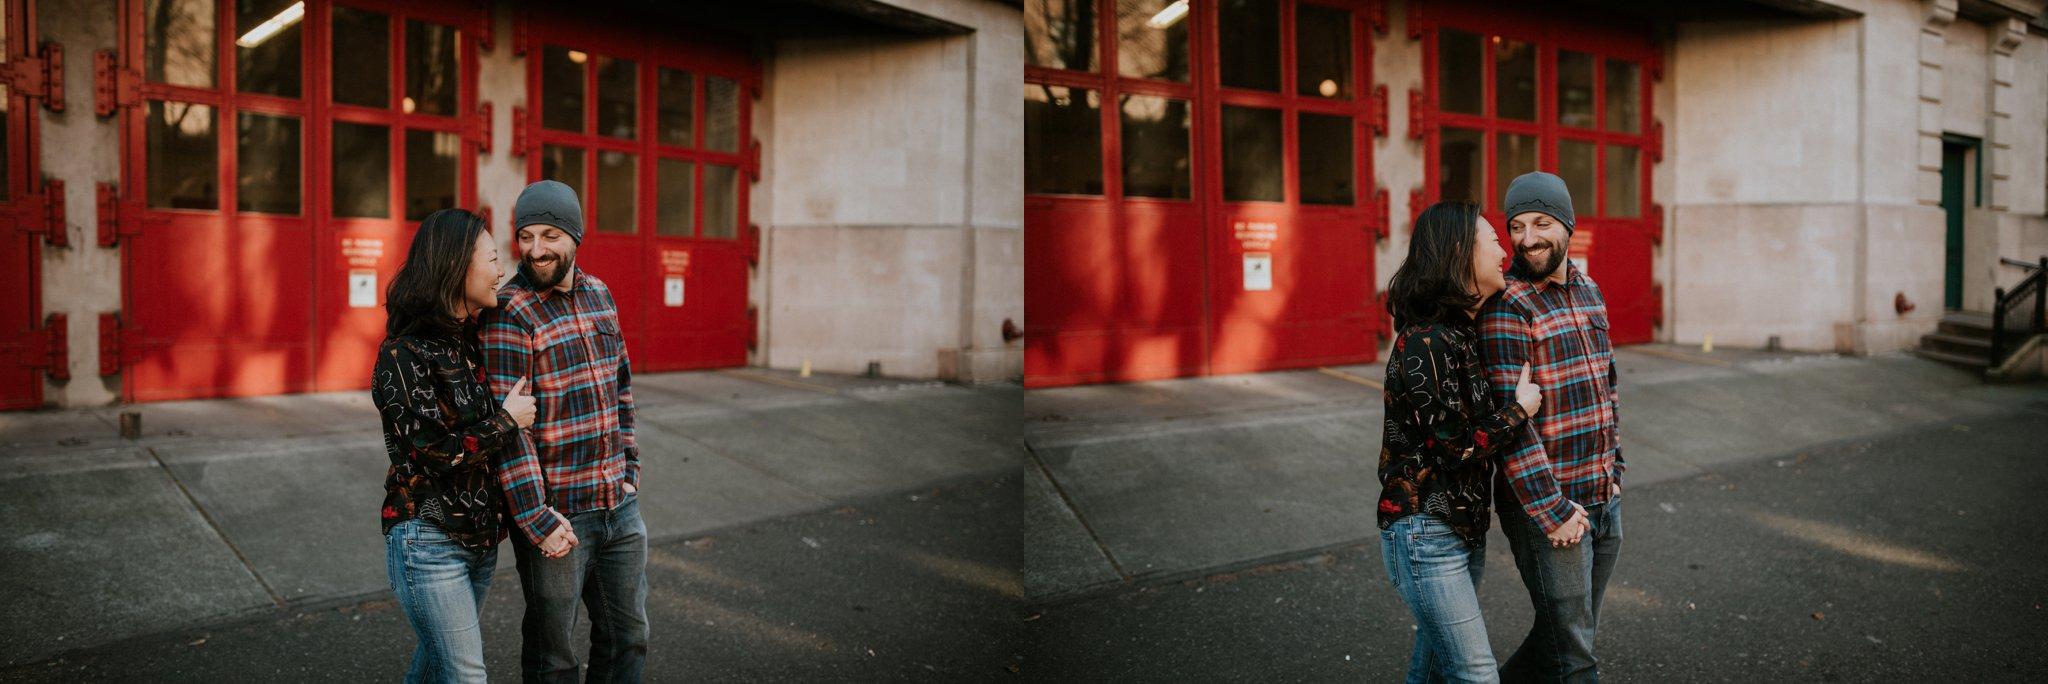 2017-03-07_0010.jpg